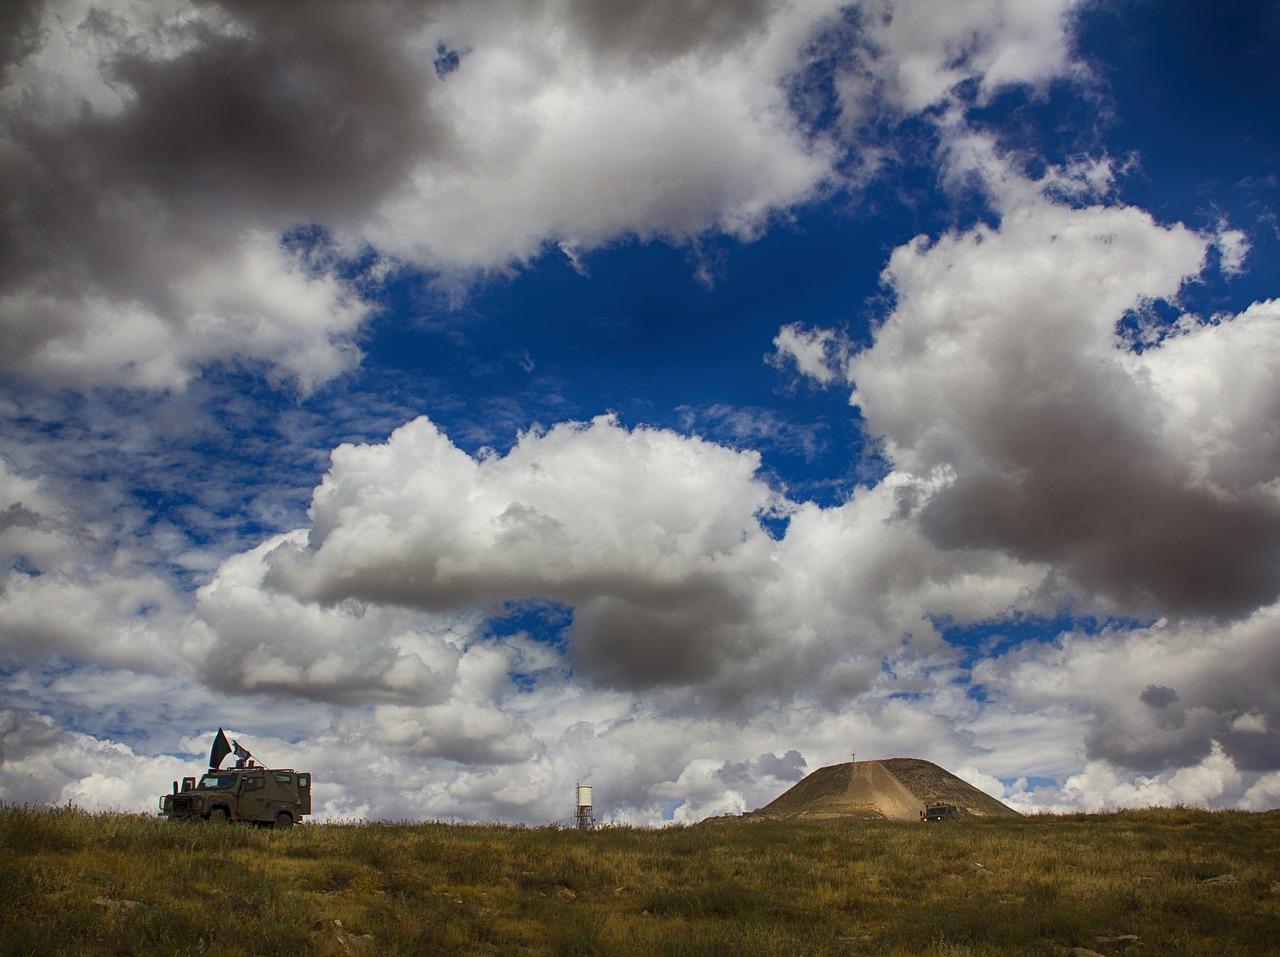 sky-1779776_1280.jpg